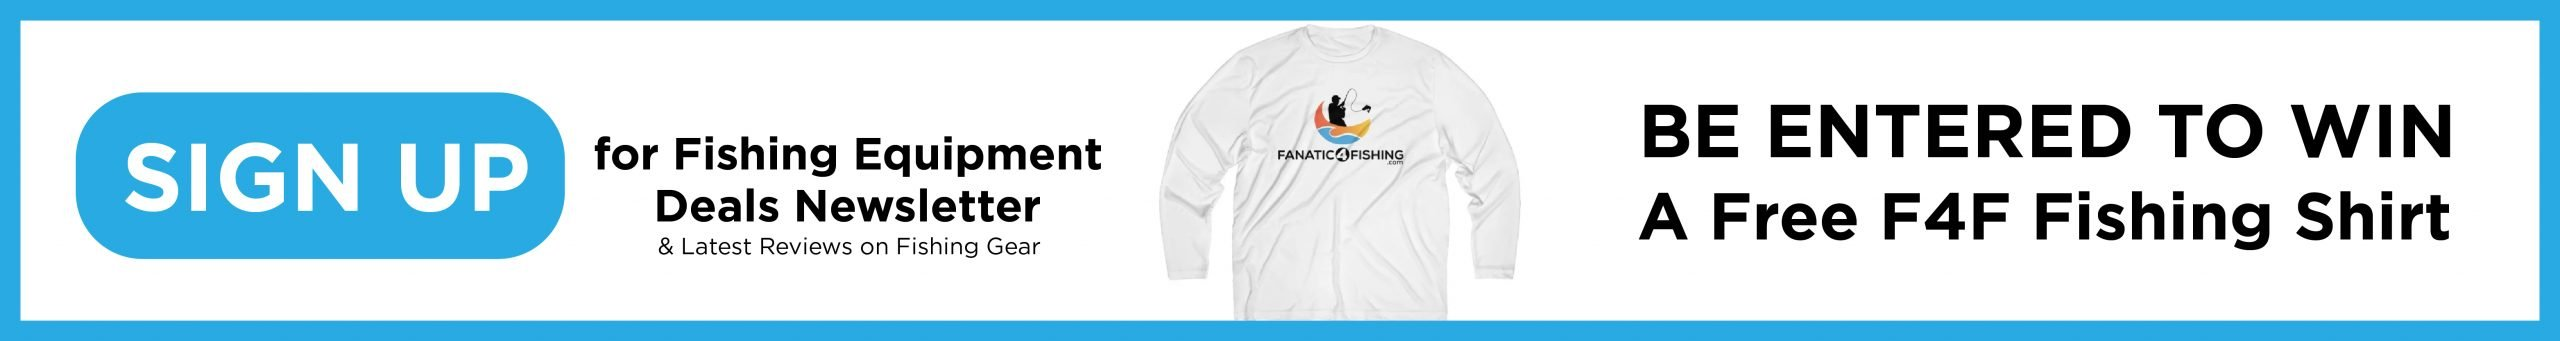 Enter to Win Fishing Shirt